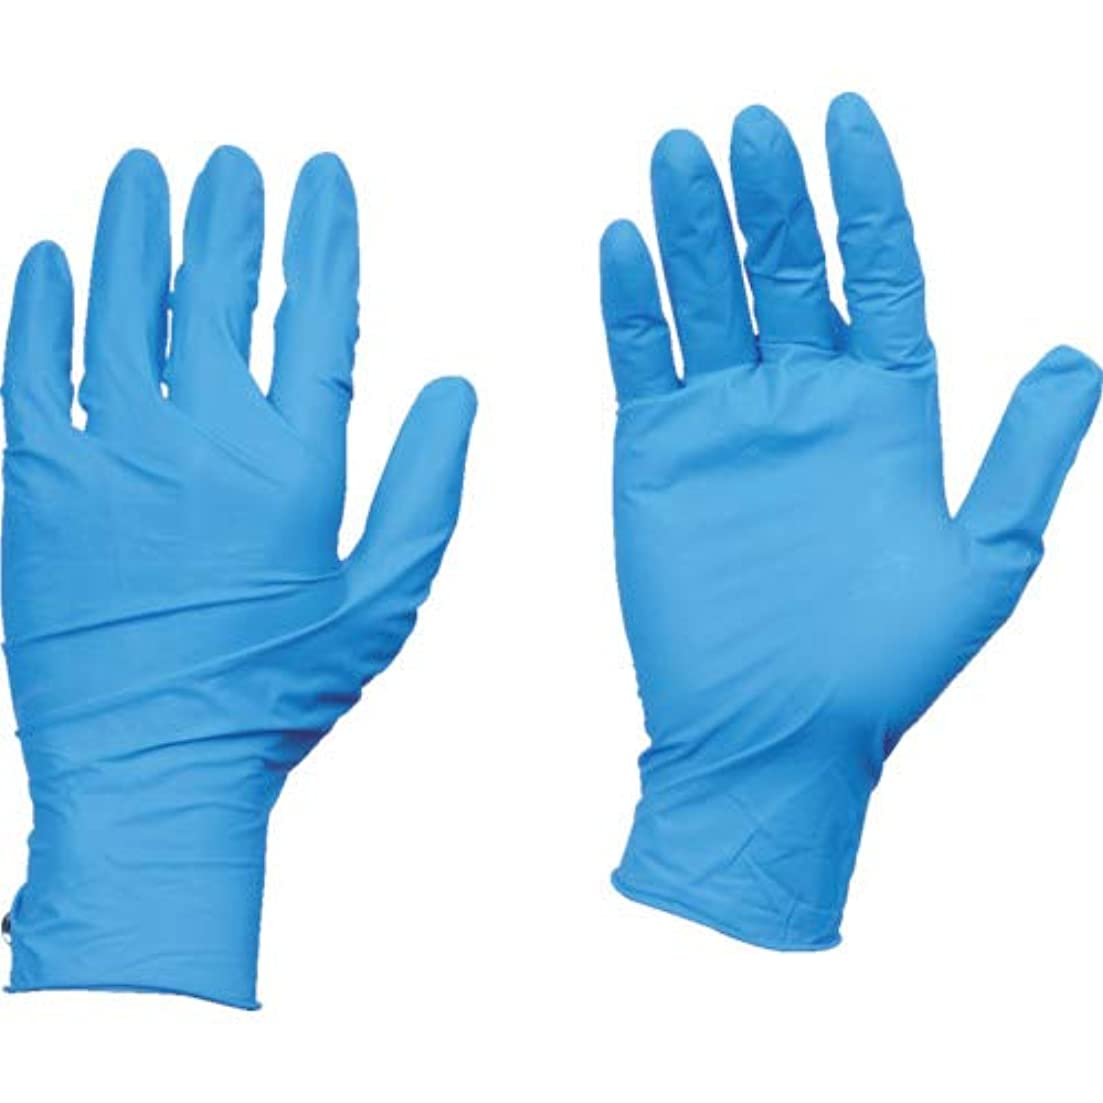 依存横向き改善するTRUSCO(トラスコ) 10箱入り 使い捨て天然ゴム手袋TGワーク 0.10 粉付青L TGPL10BL10C